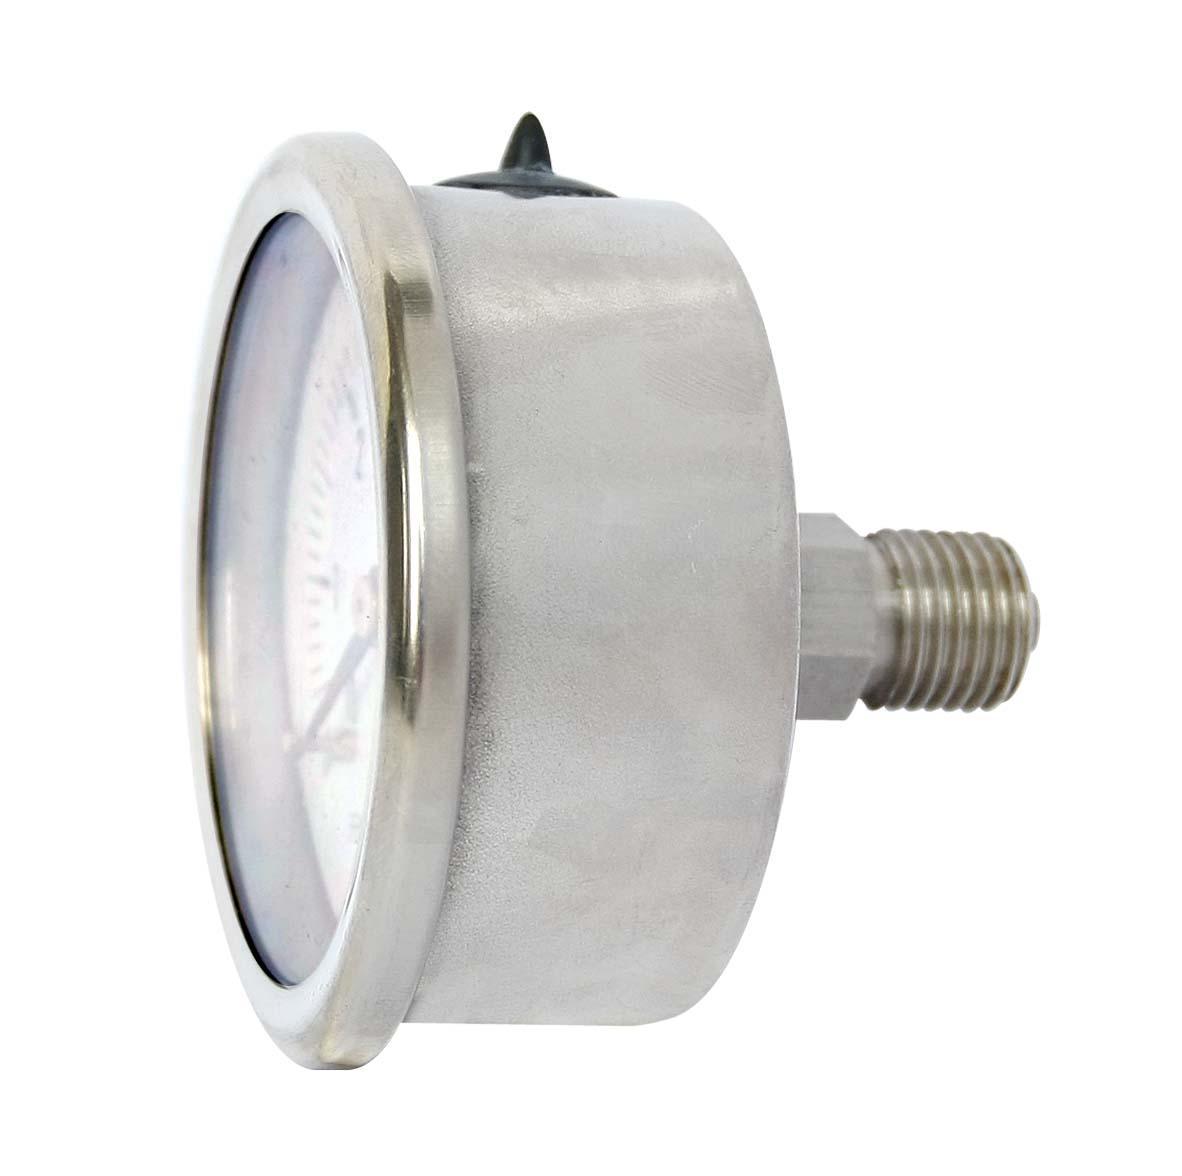 不鏽鋼壓力表 不鏽鋼真空壓力表 不鏽鋼彈簧管壓力表 9